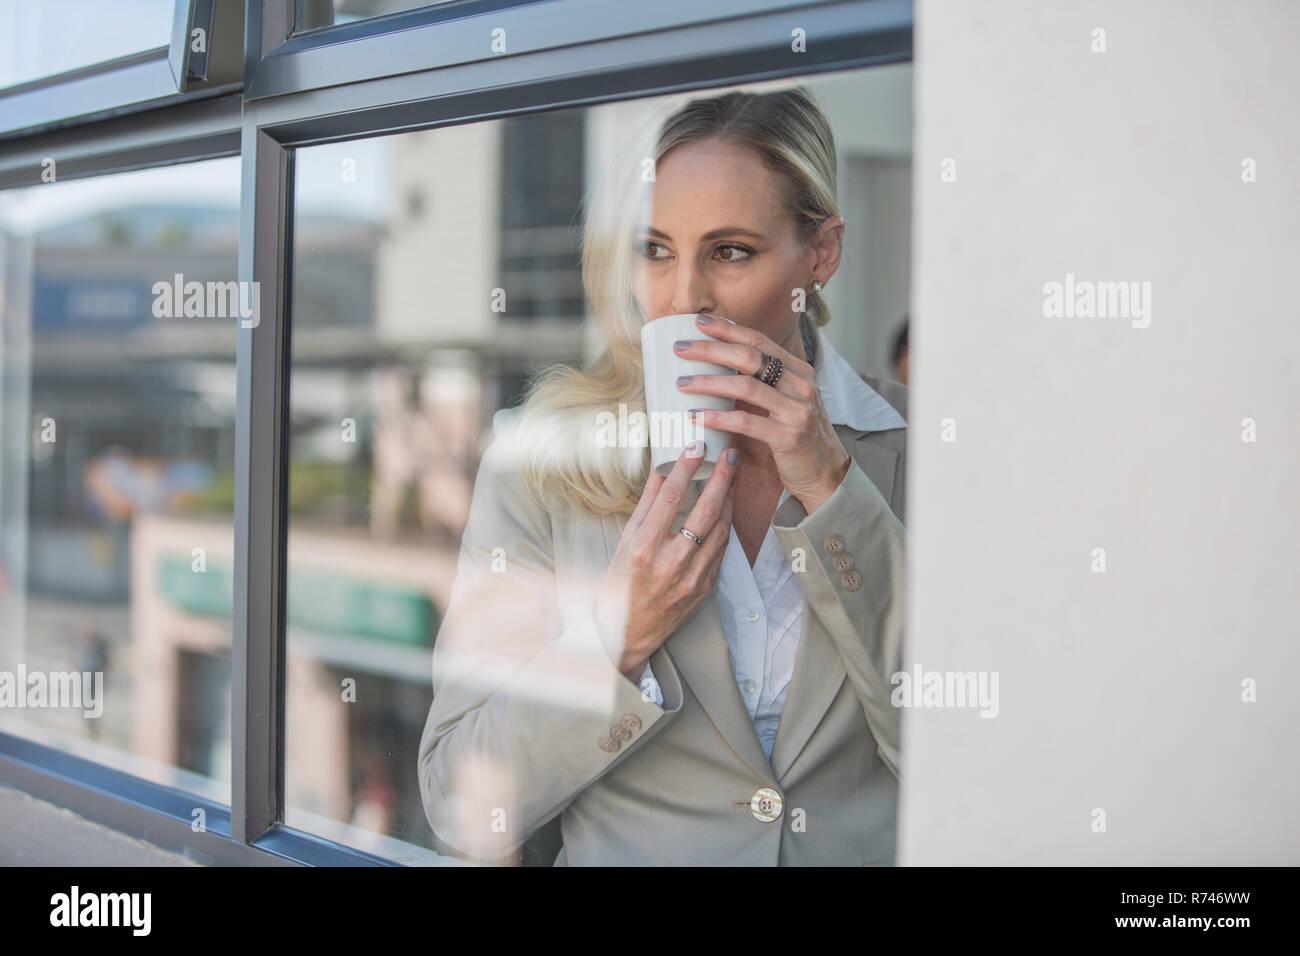 Take Break Coffeebreak : Businesswoman taking coffee break in office stock photo